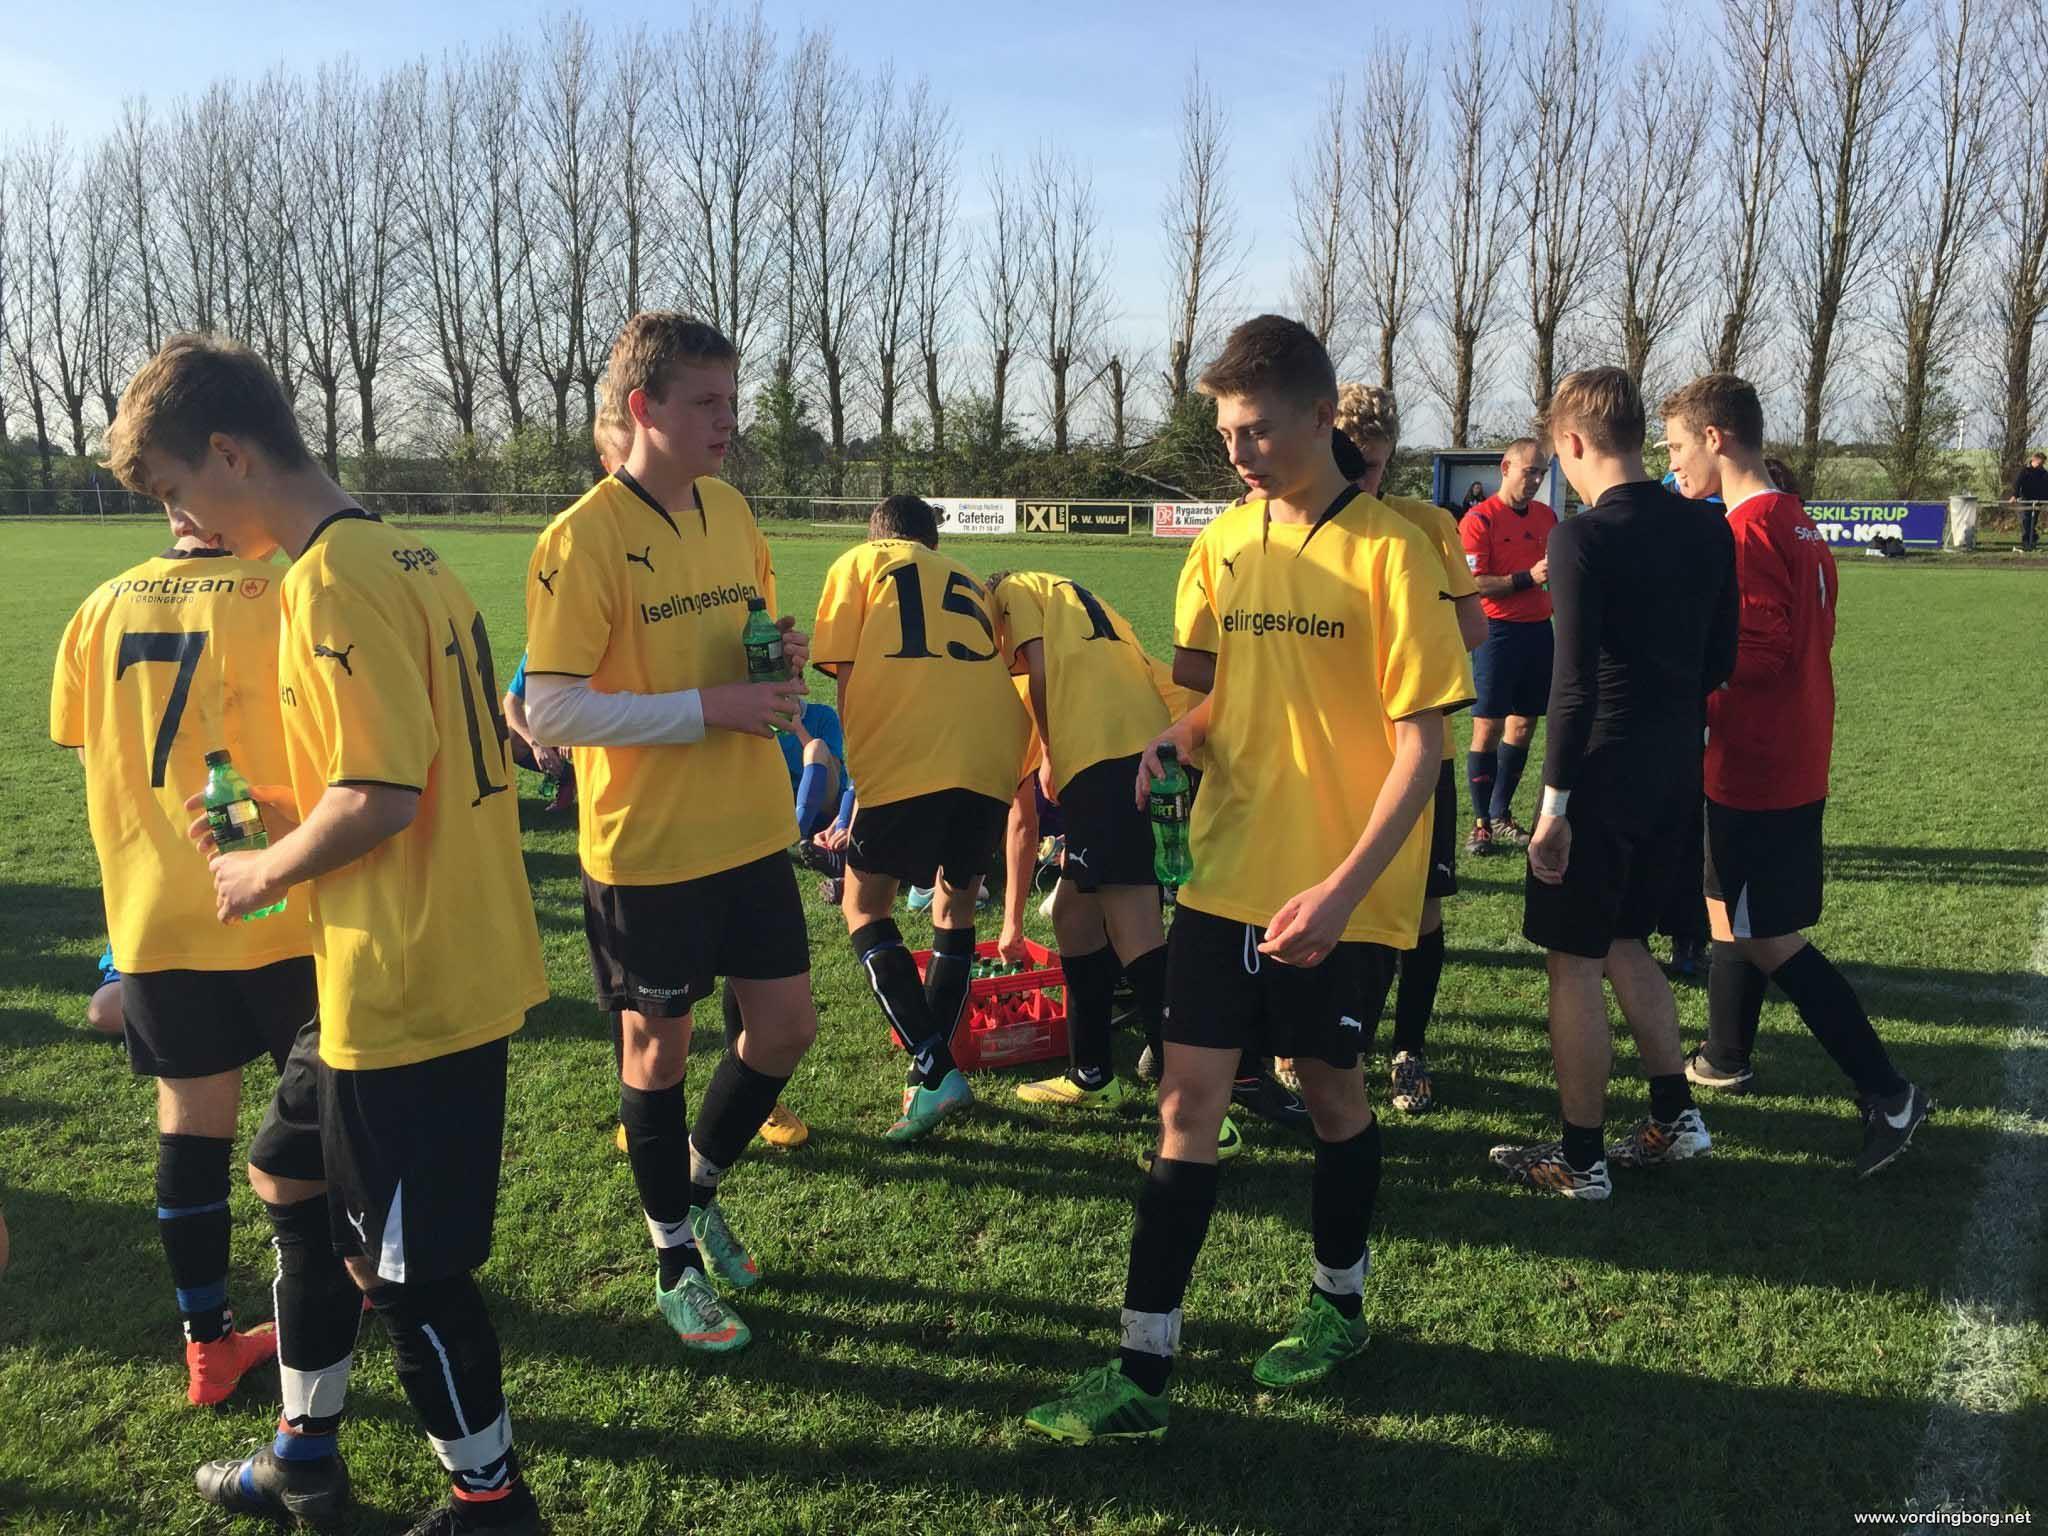 Fodbold: Gåsetårnskolen sikkert videre til 5. runde i Ekstrabladets Skolefodboldturnering